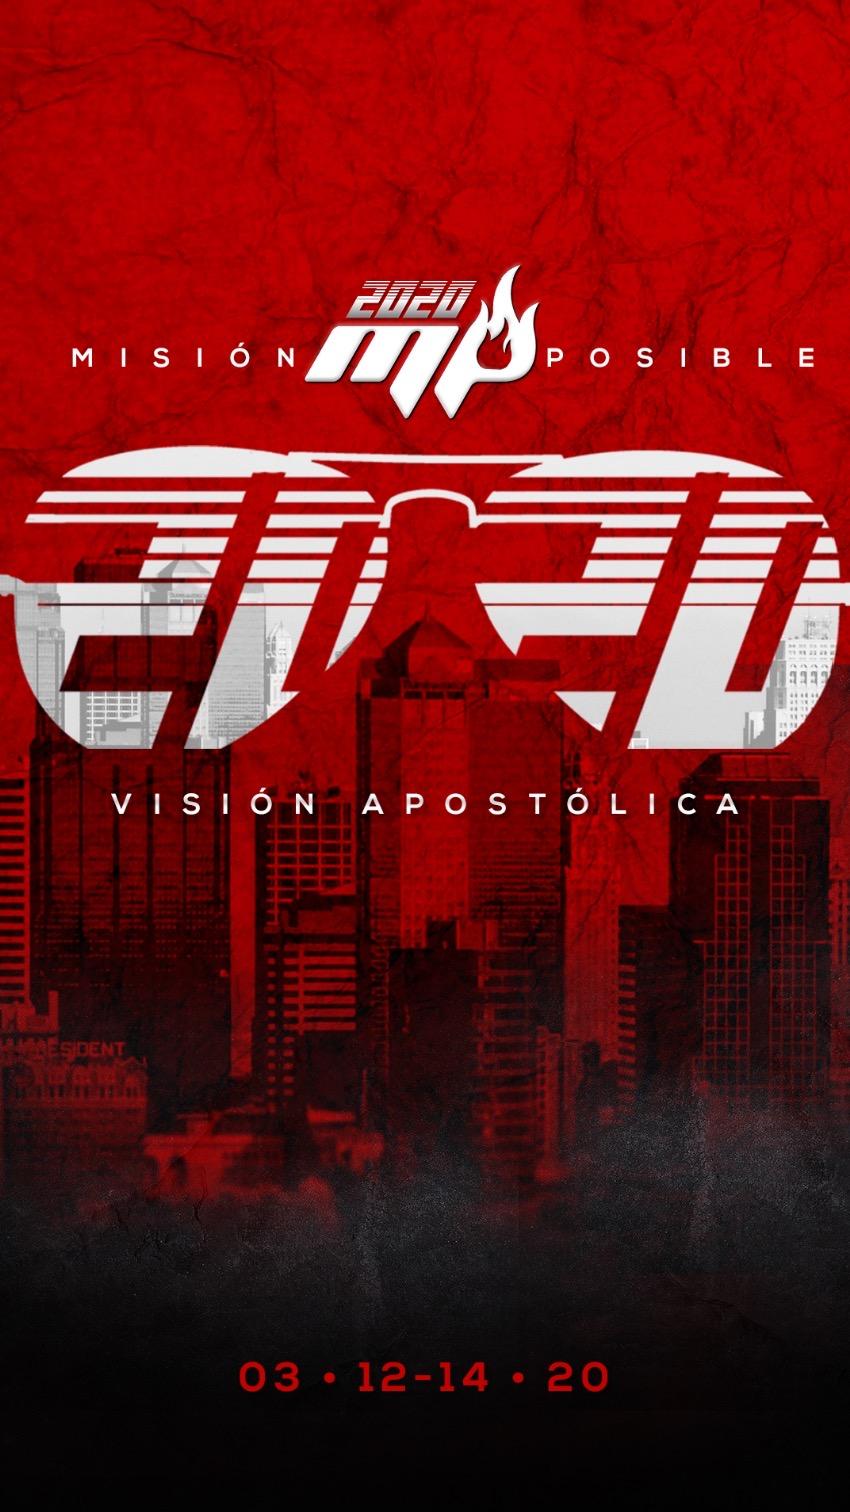 Misión Posible 2020: Visión Apostólica